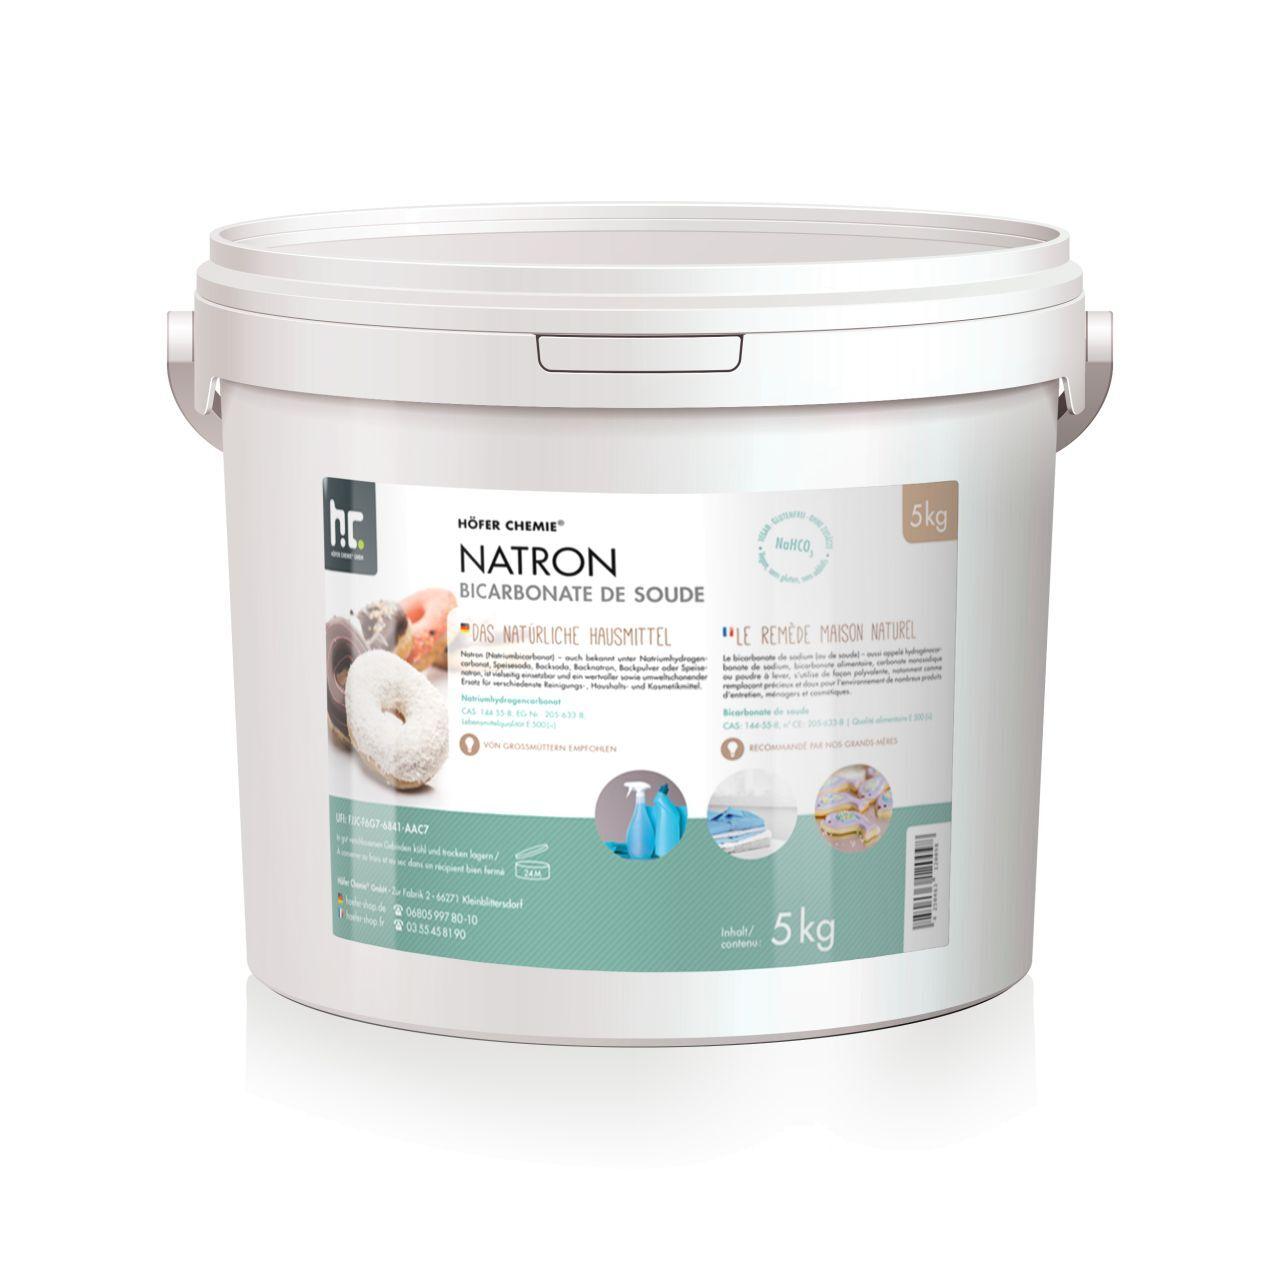 Höfer Chemie 10 kg de bicarbonate de sodium en qualité alimentaire (2 x 5 kg)